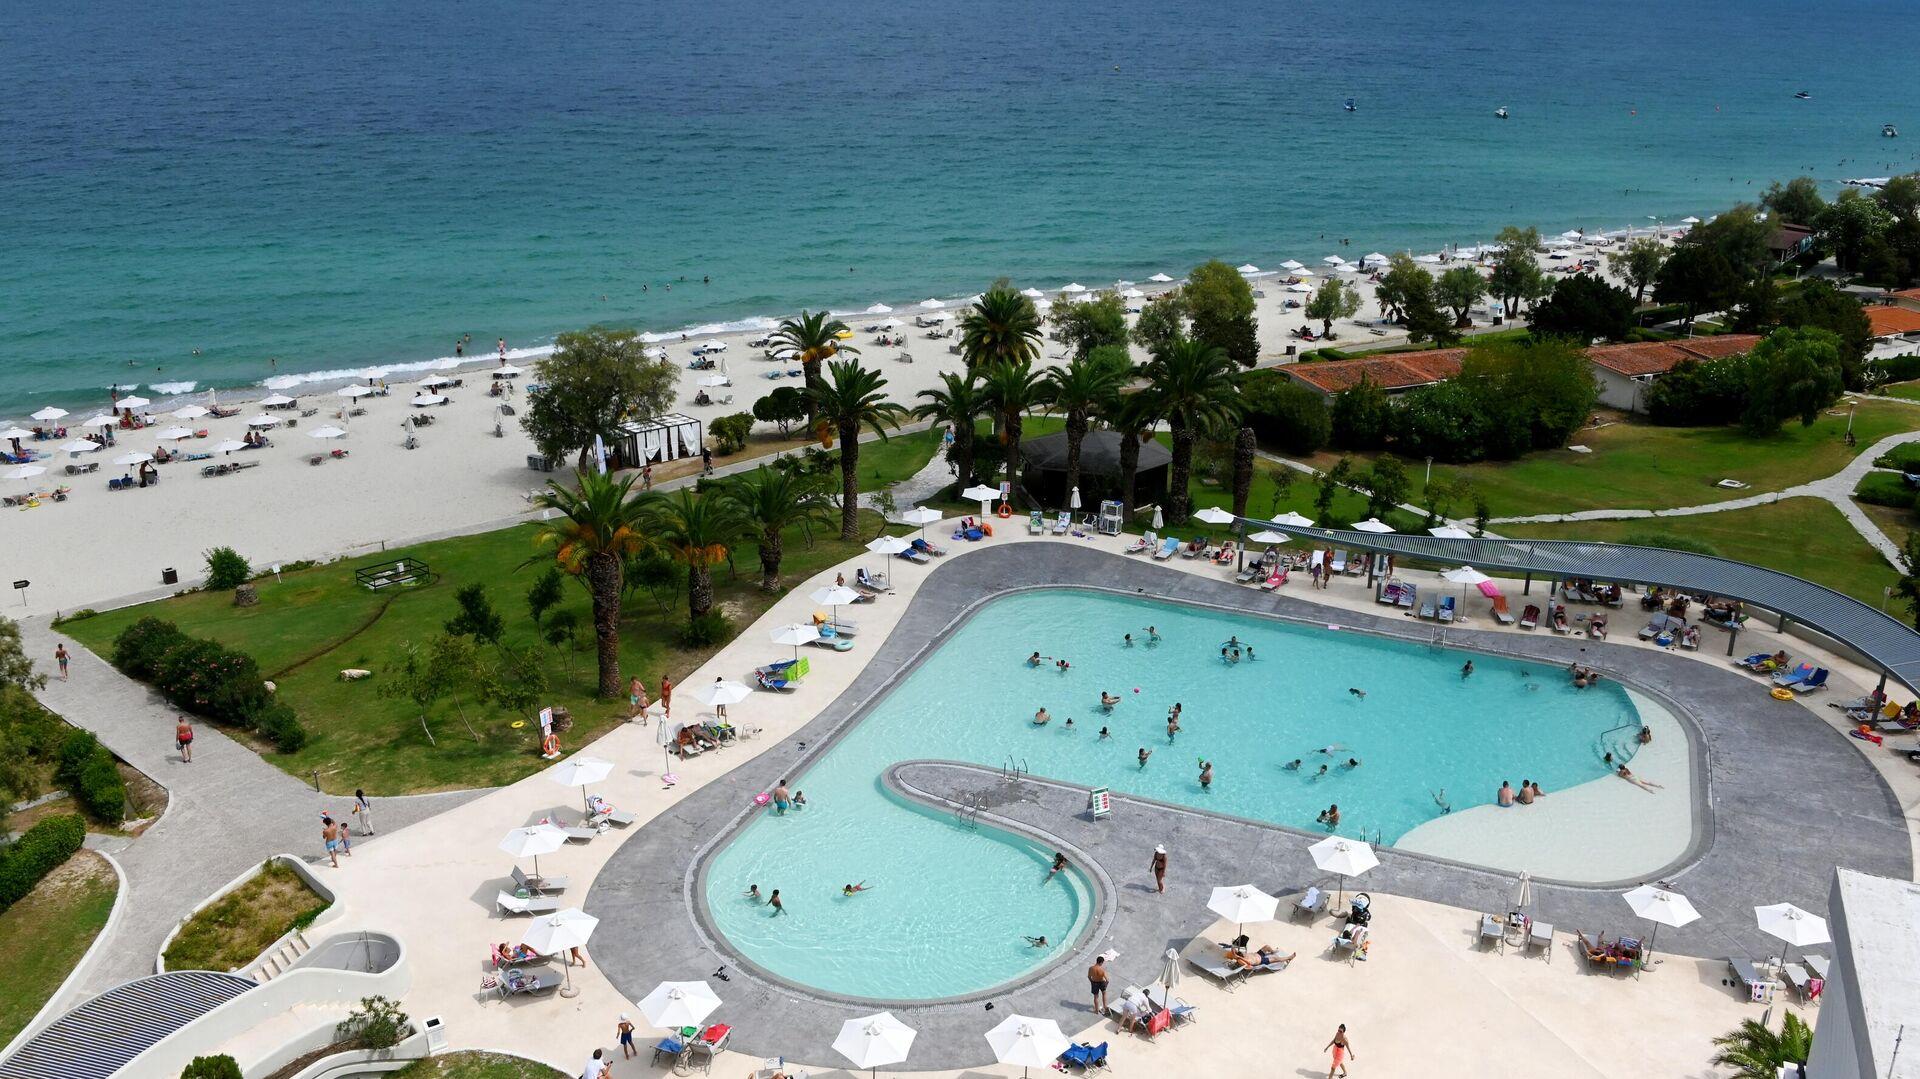 Вид бассейн и пляж отеля GHotels Pallini Beach на полуострове Кассандра в Греции - РИА Новости, 1920, 20.09.2021